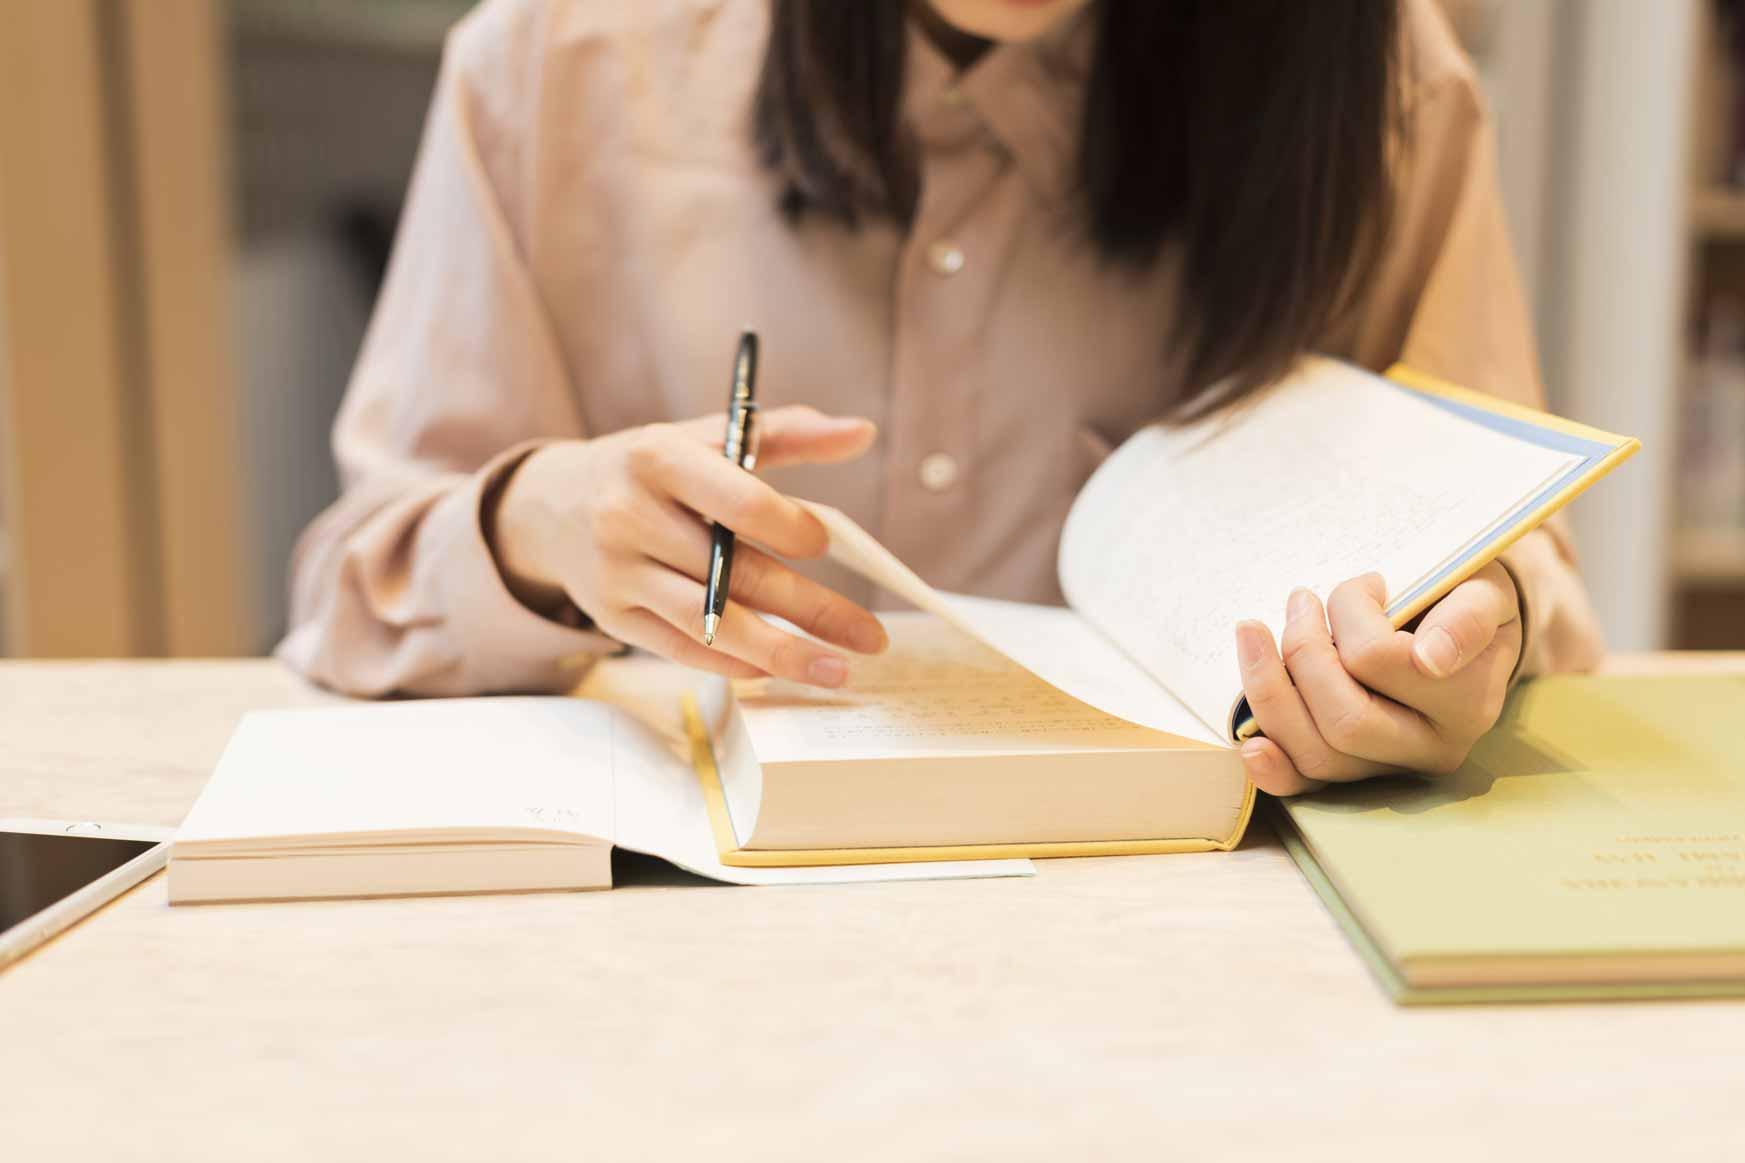 Eine junge Studentin sitzt am Tisch und schaut in ein buch. In der Hand hält sie einen Stift.